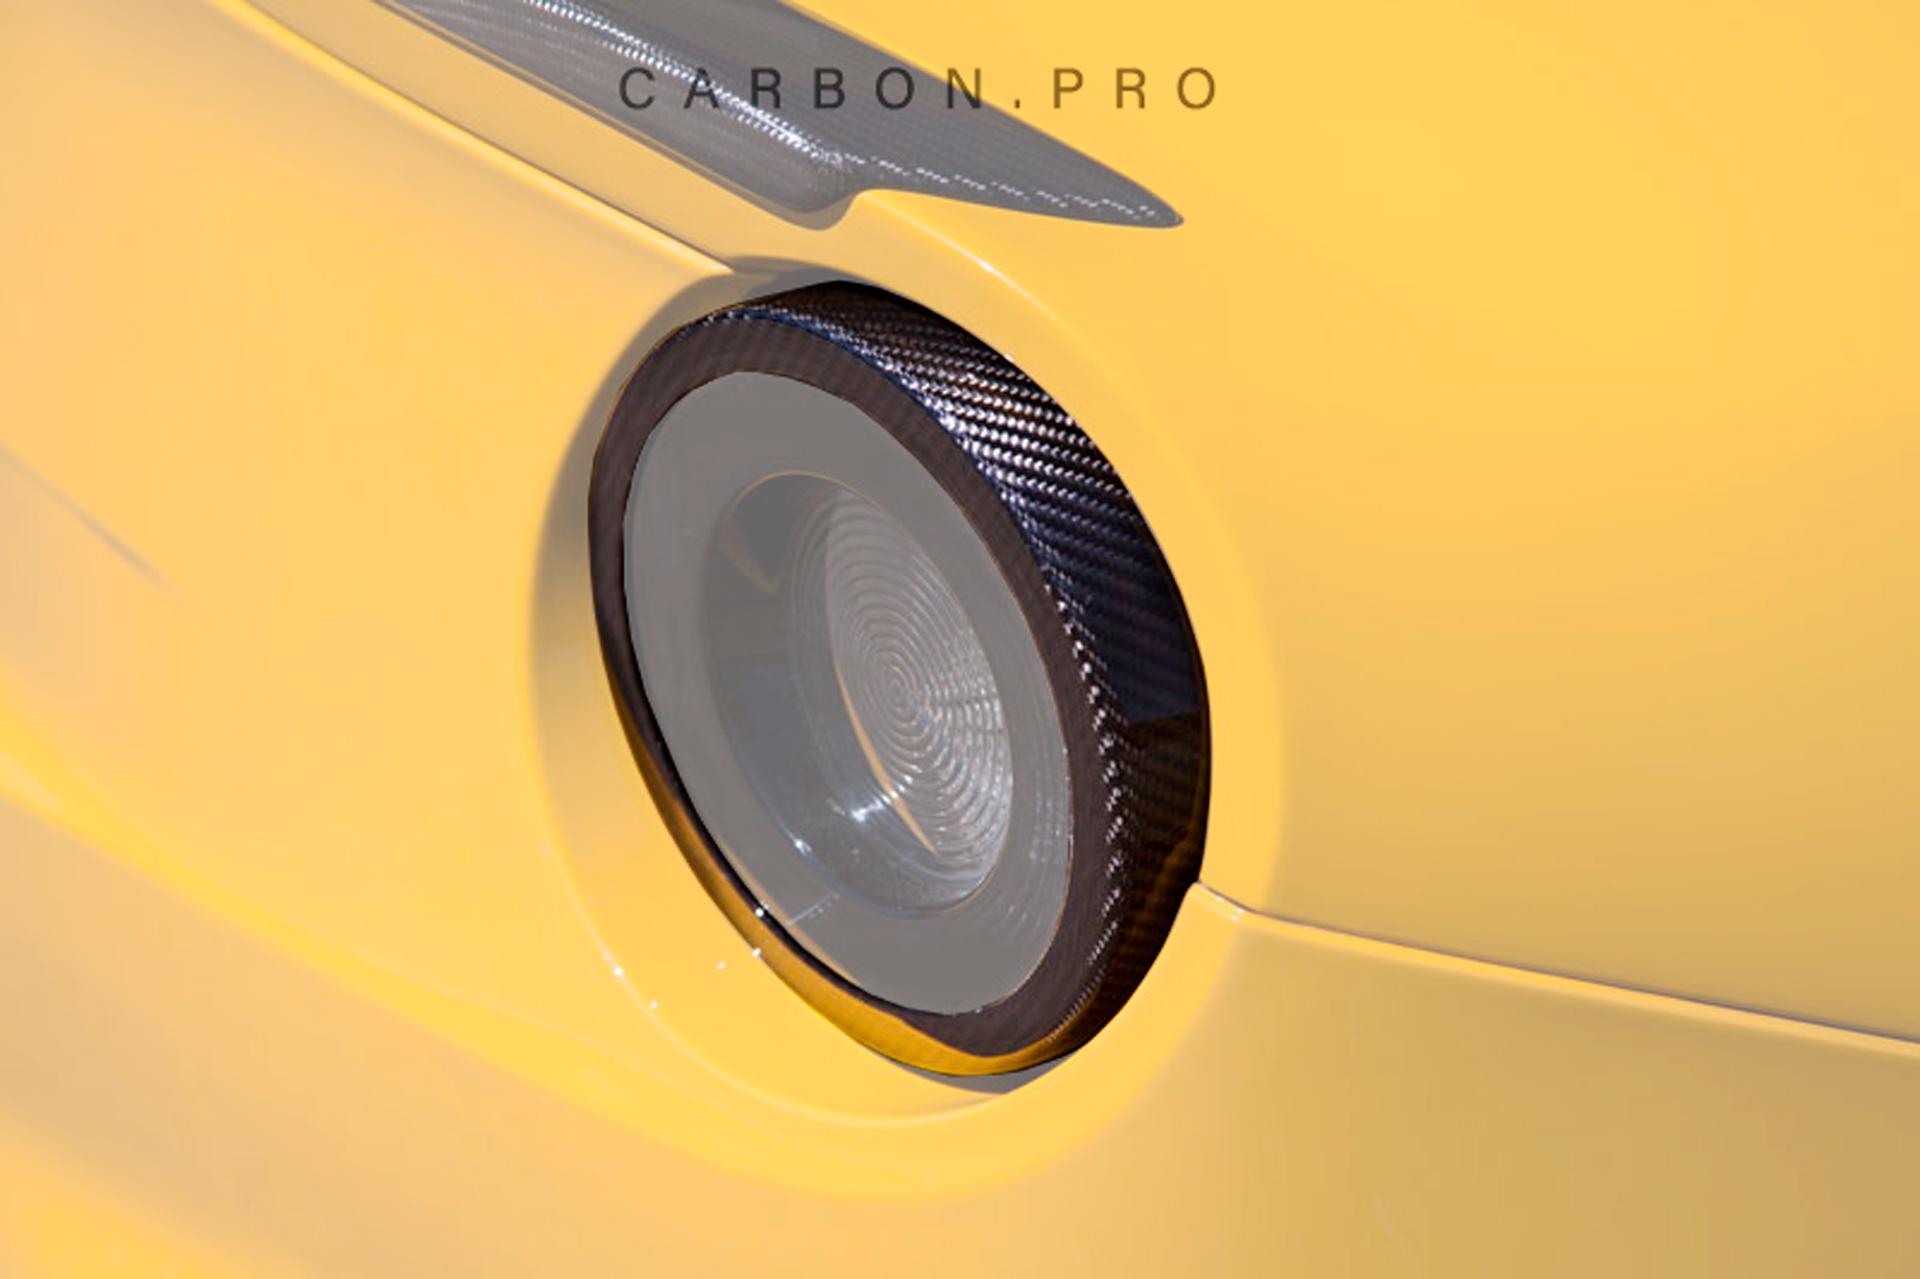 Карбоновые накладки на задние фонари Novitec Style для Ferrari F12 Вerlinetta